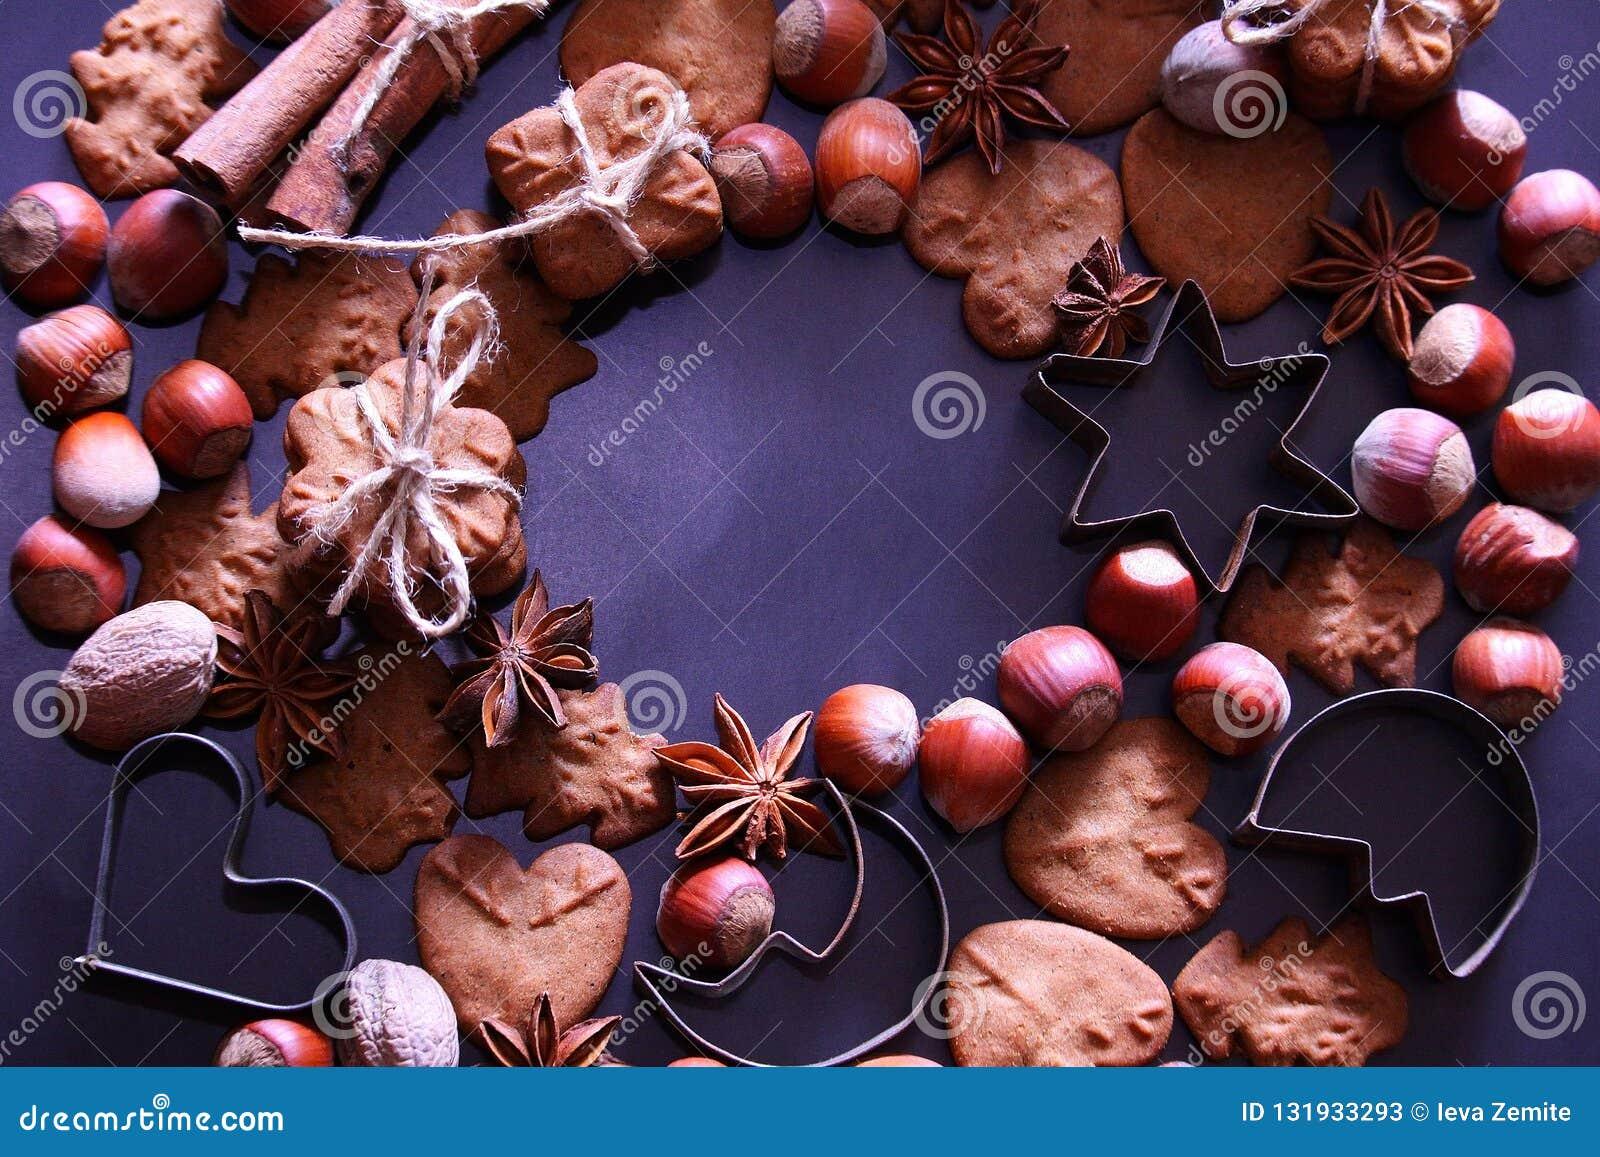 Υπόβαθρο διακοπών Χριστουγέννων Μπισκότα Χριστουγέννων με την εορταστική διακόσμηση